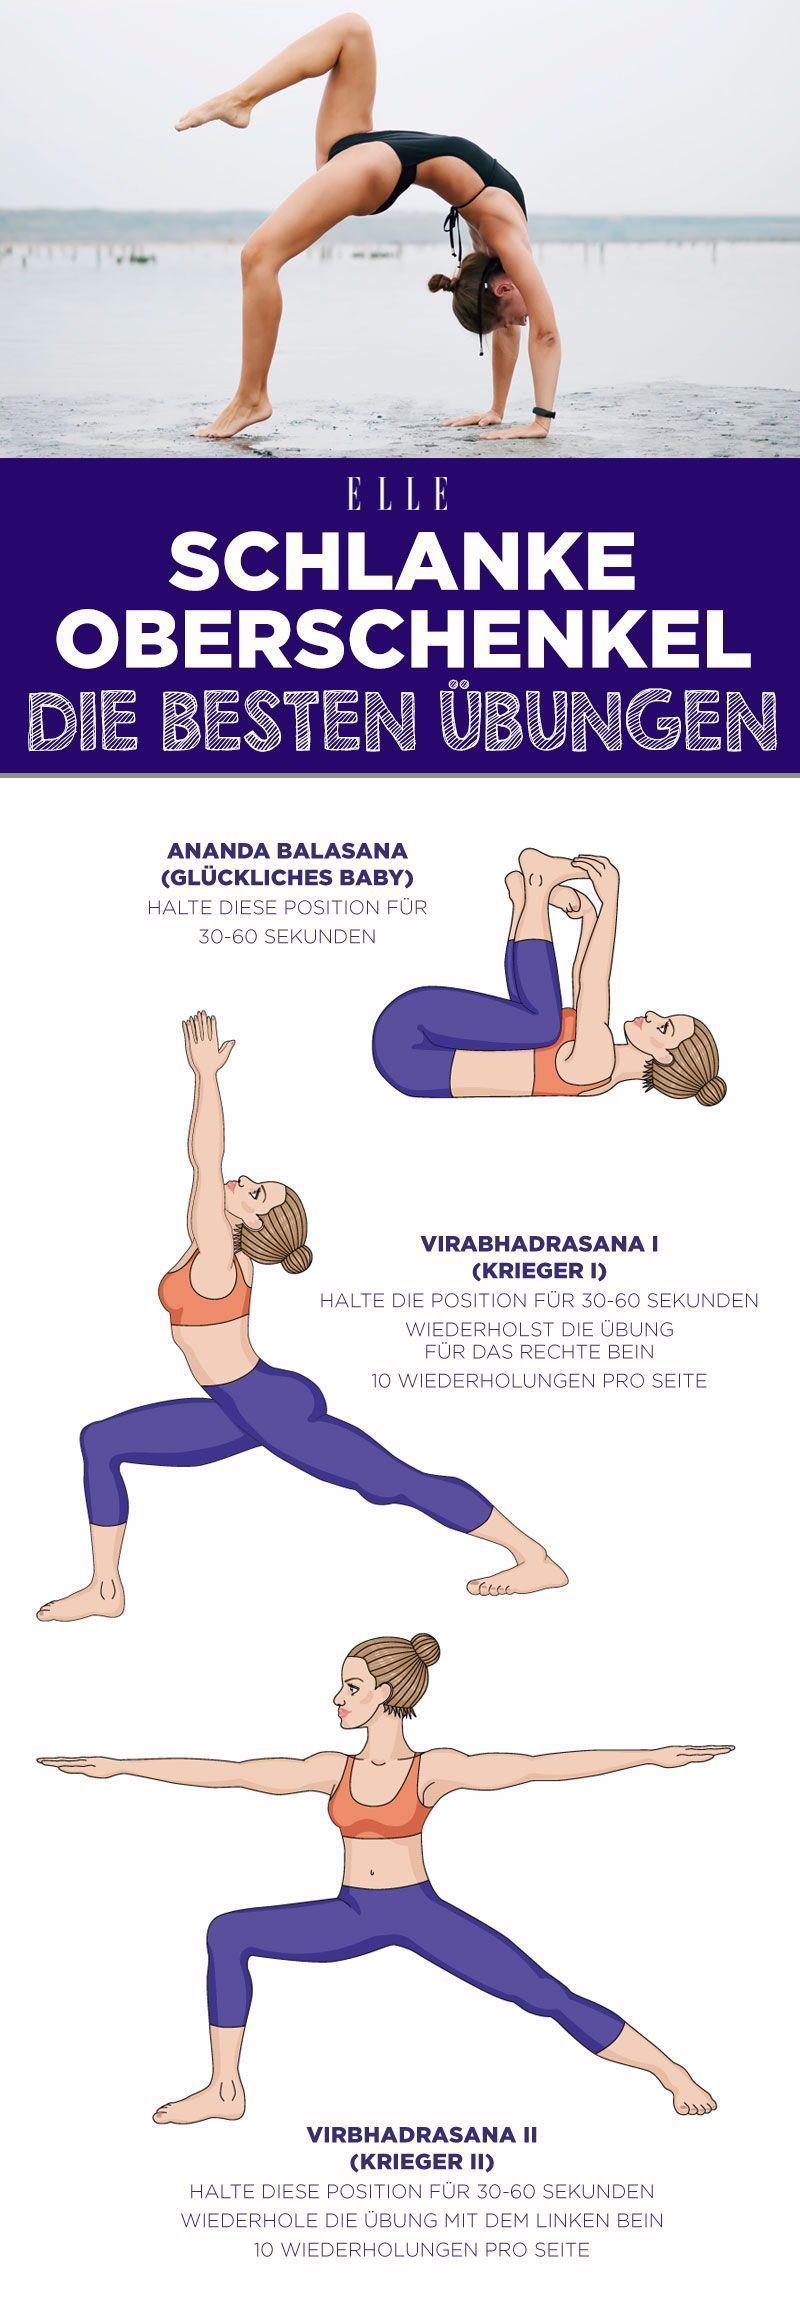 Schlanke Oberschenkel: 3 einfache Yoga-Übungen, die sofort helfen #beine #oberschenkel #training #sc...